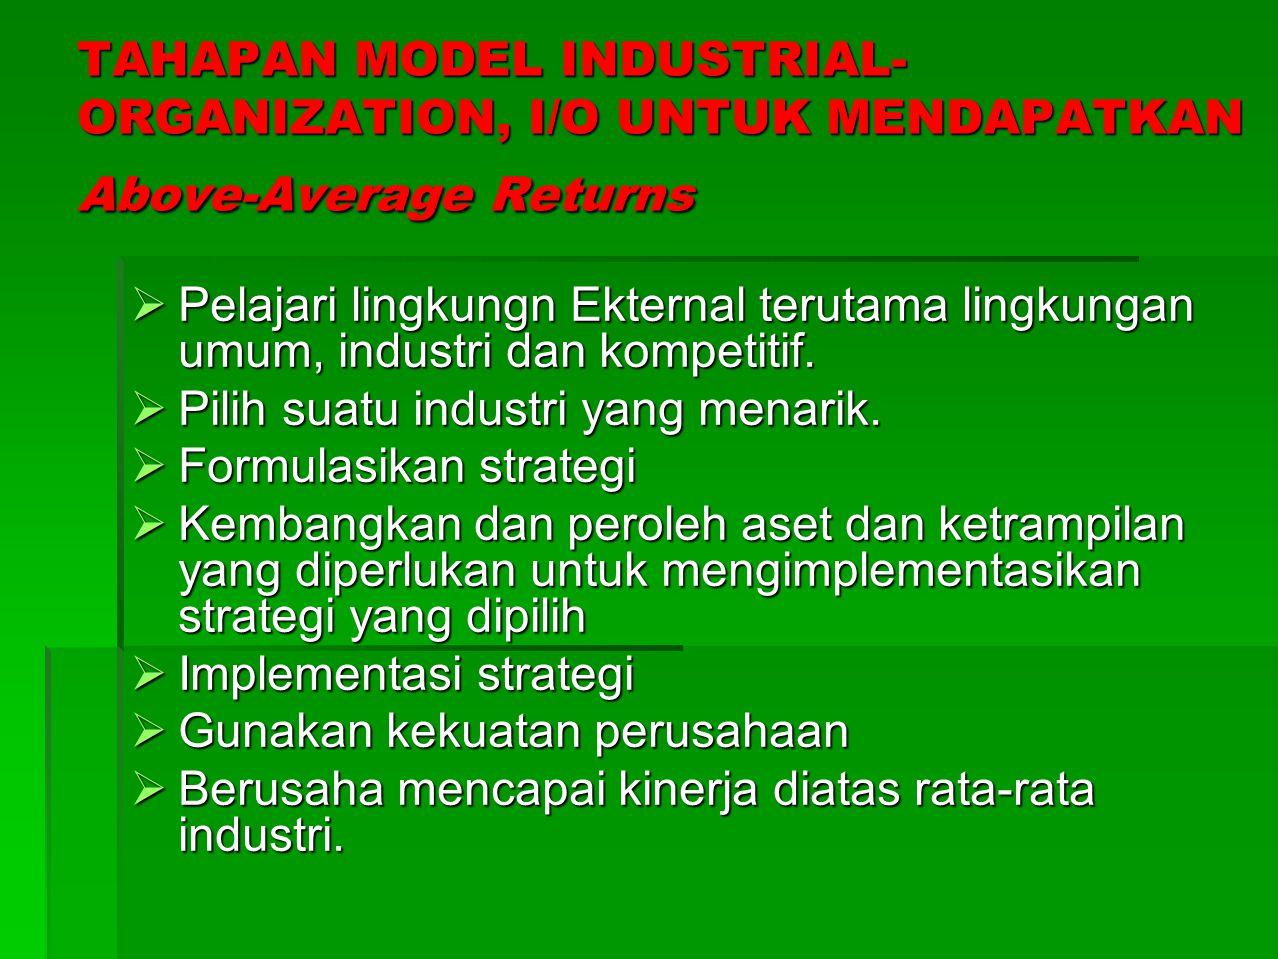 TAHAPAN MODEL INDUSTRIAL-ORGANIZATION, I/O UNTUK MENDAPATKAN Above-Average Returns